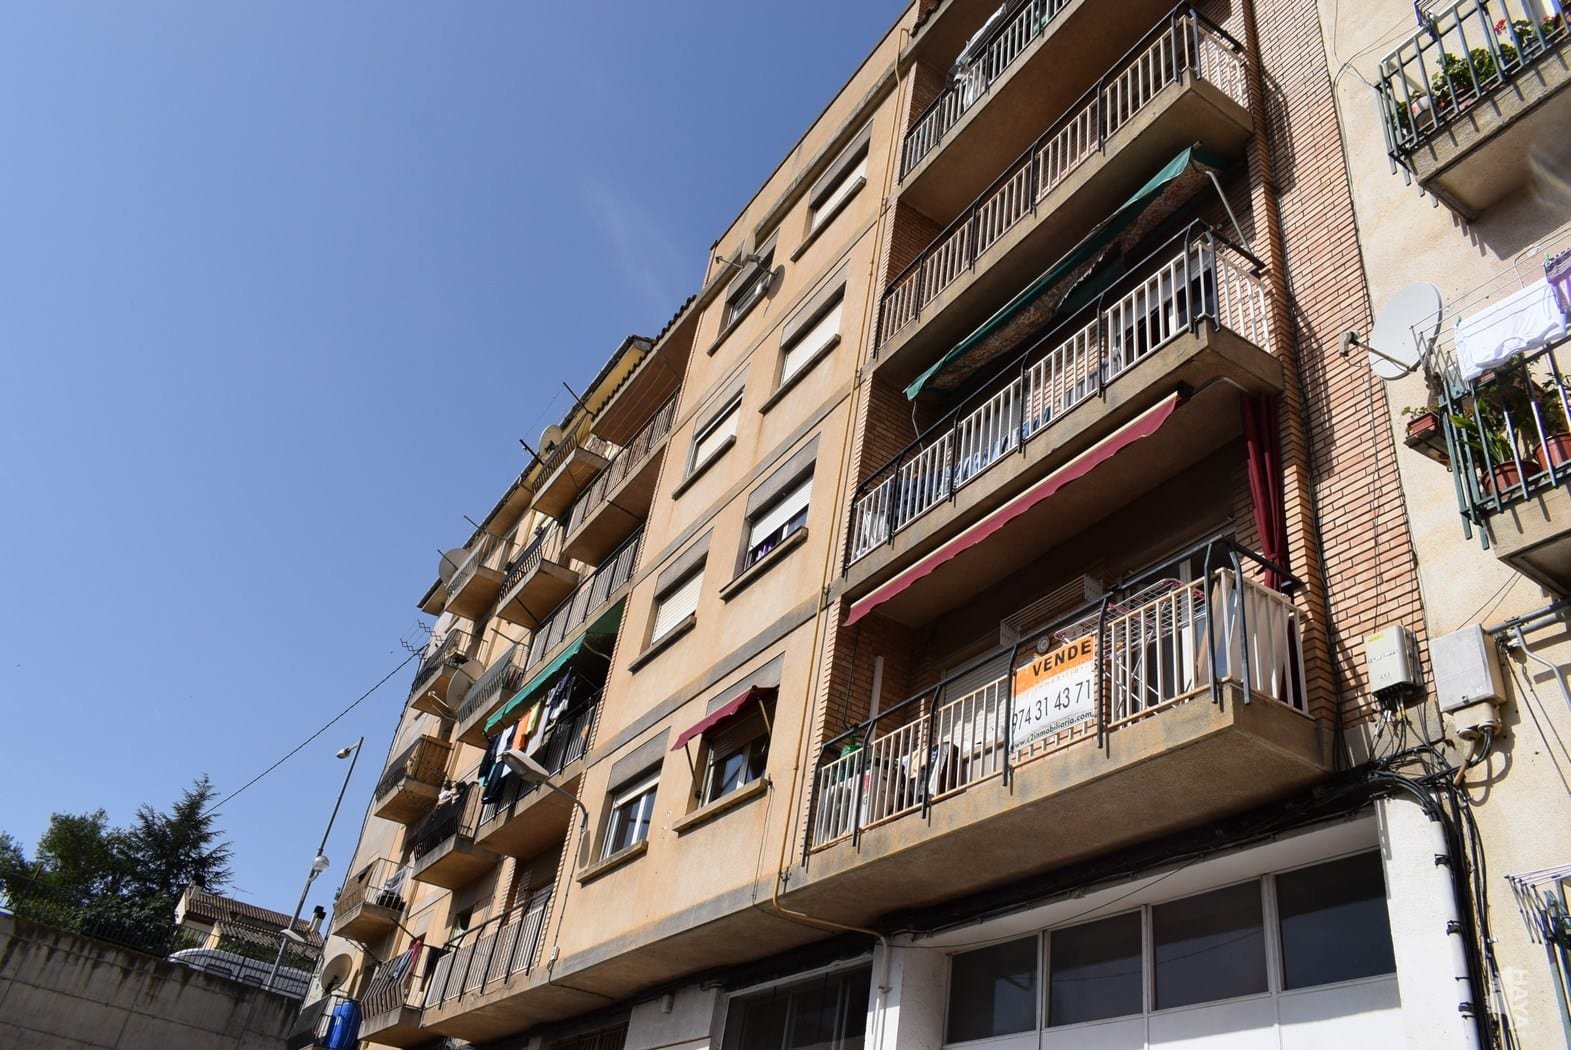 Piso en venta en Barbastro, Barbastro, Huesca, Calle Aneto, 40.000 €, 3 habitaciones, 1 baño, 73 m2